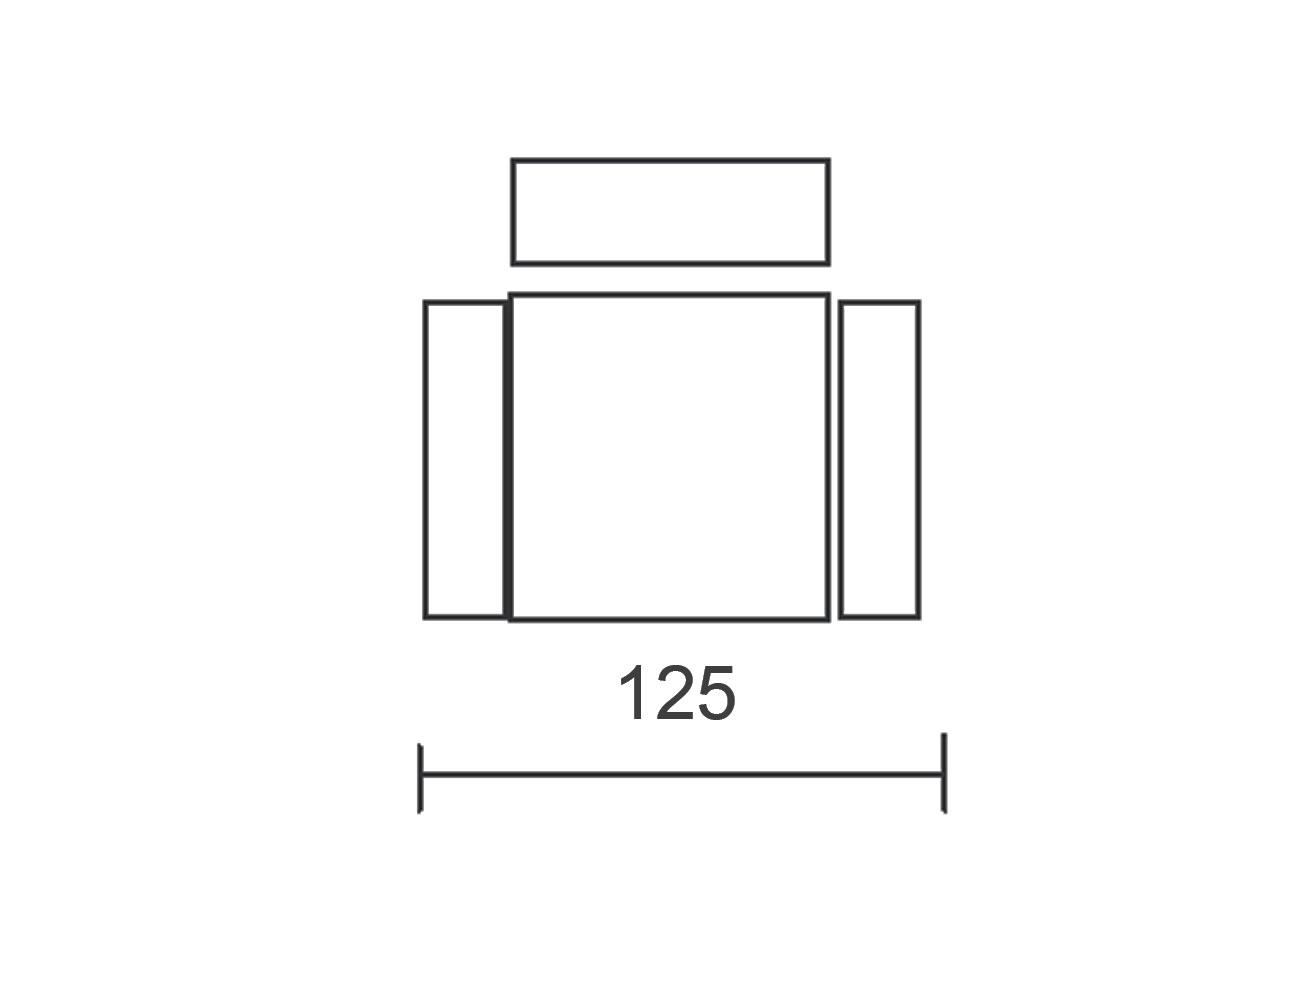 Modulo 1252